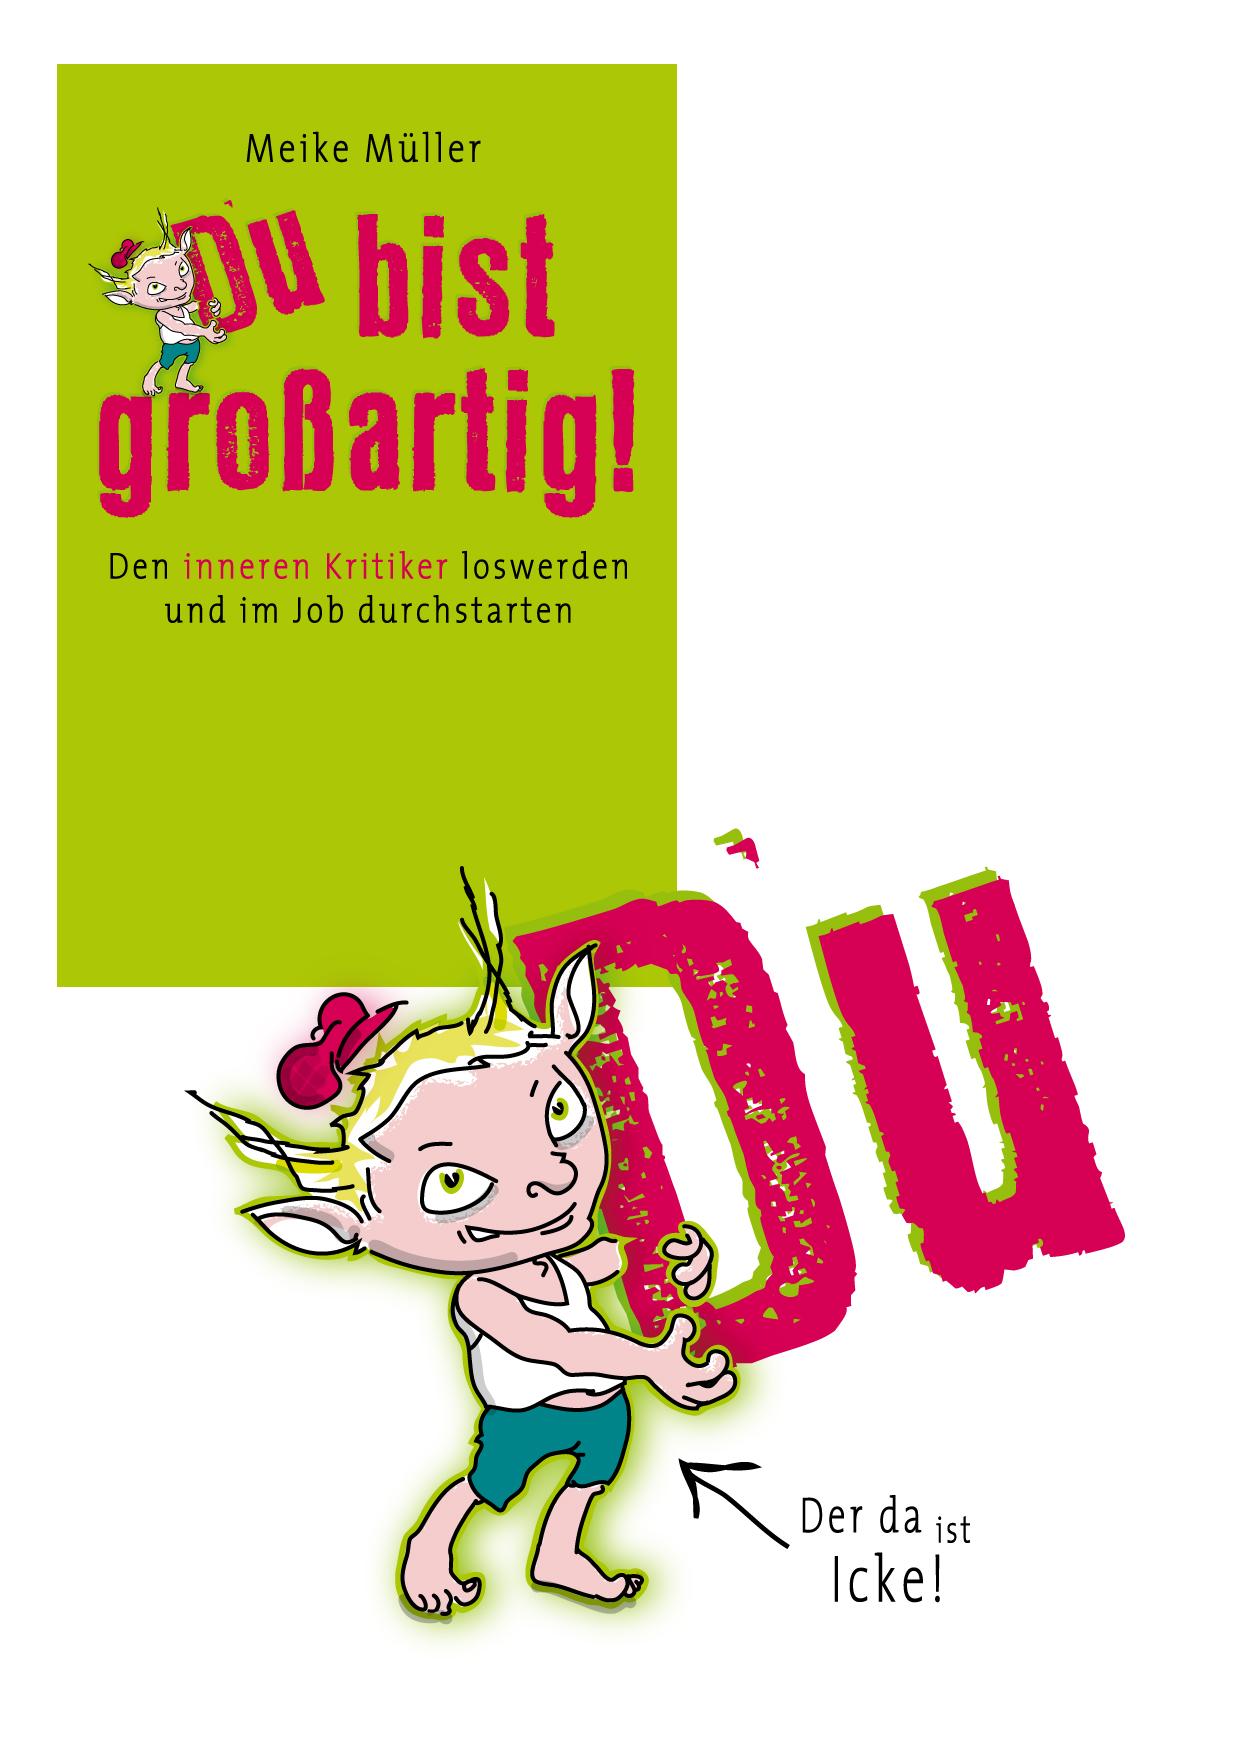 Copyright-StefanKugel-Charakter-Icke_Starkverlag-02.jpg